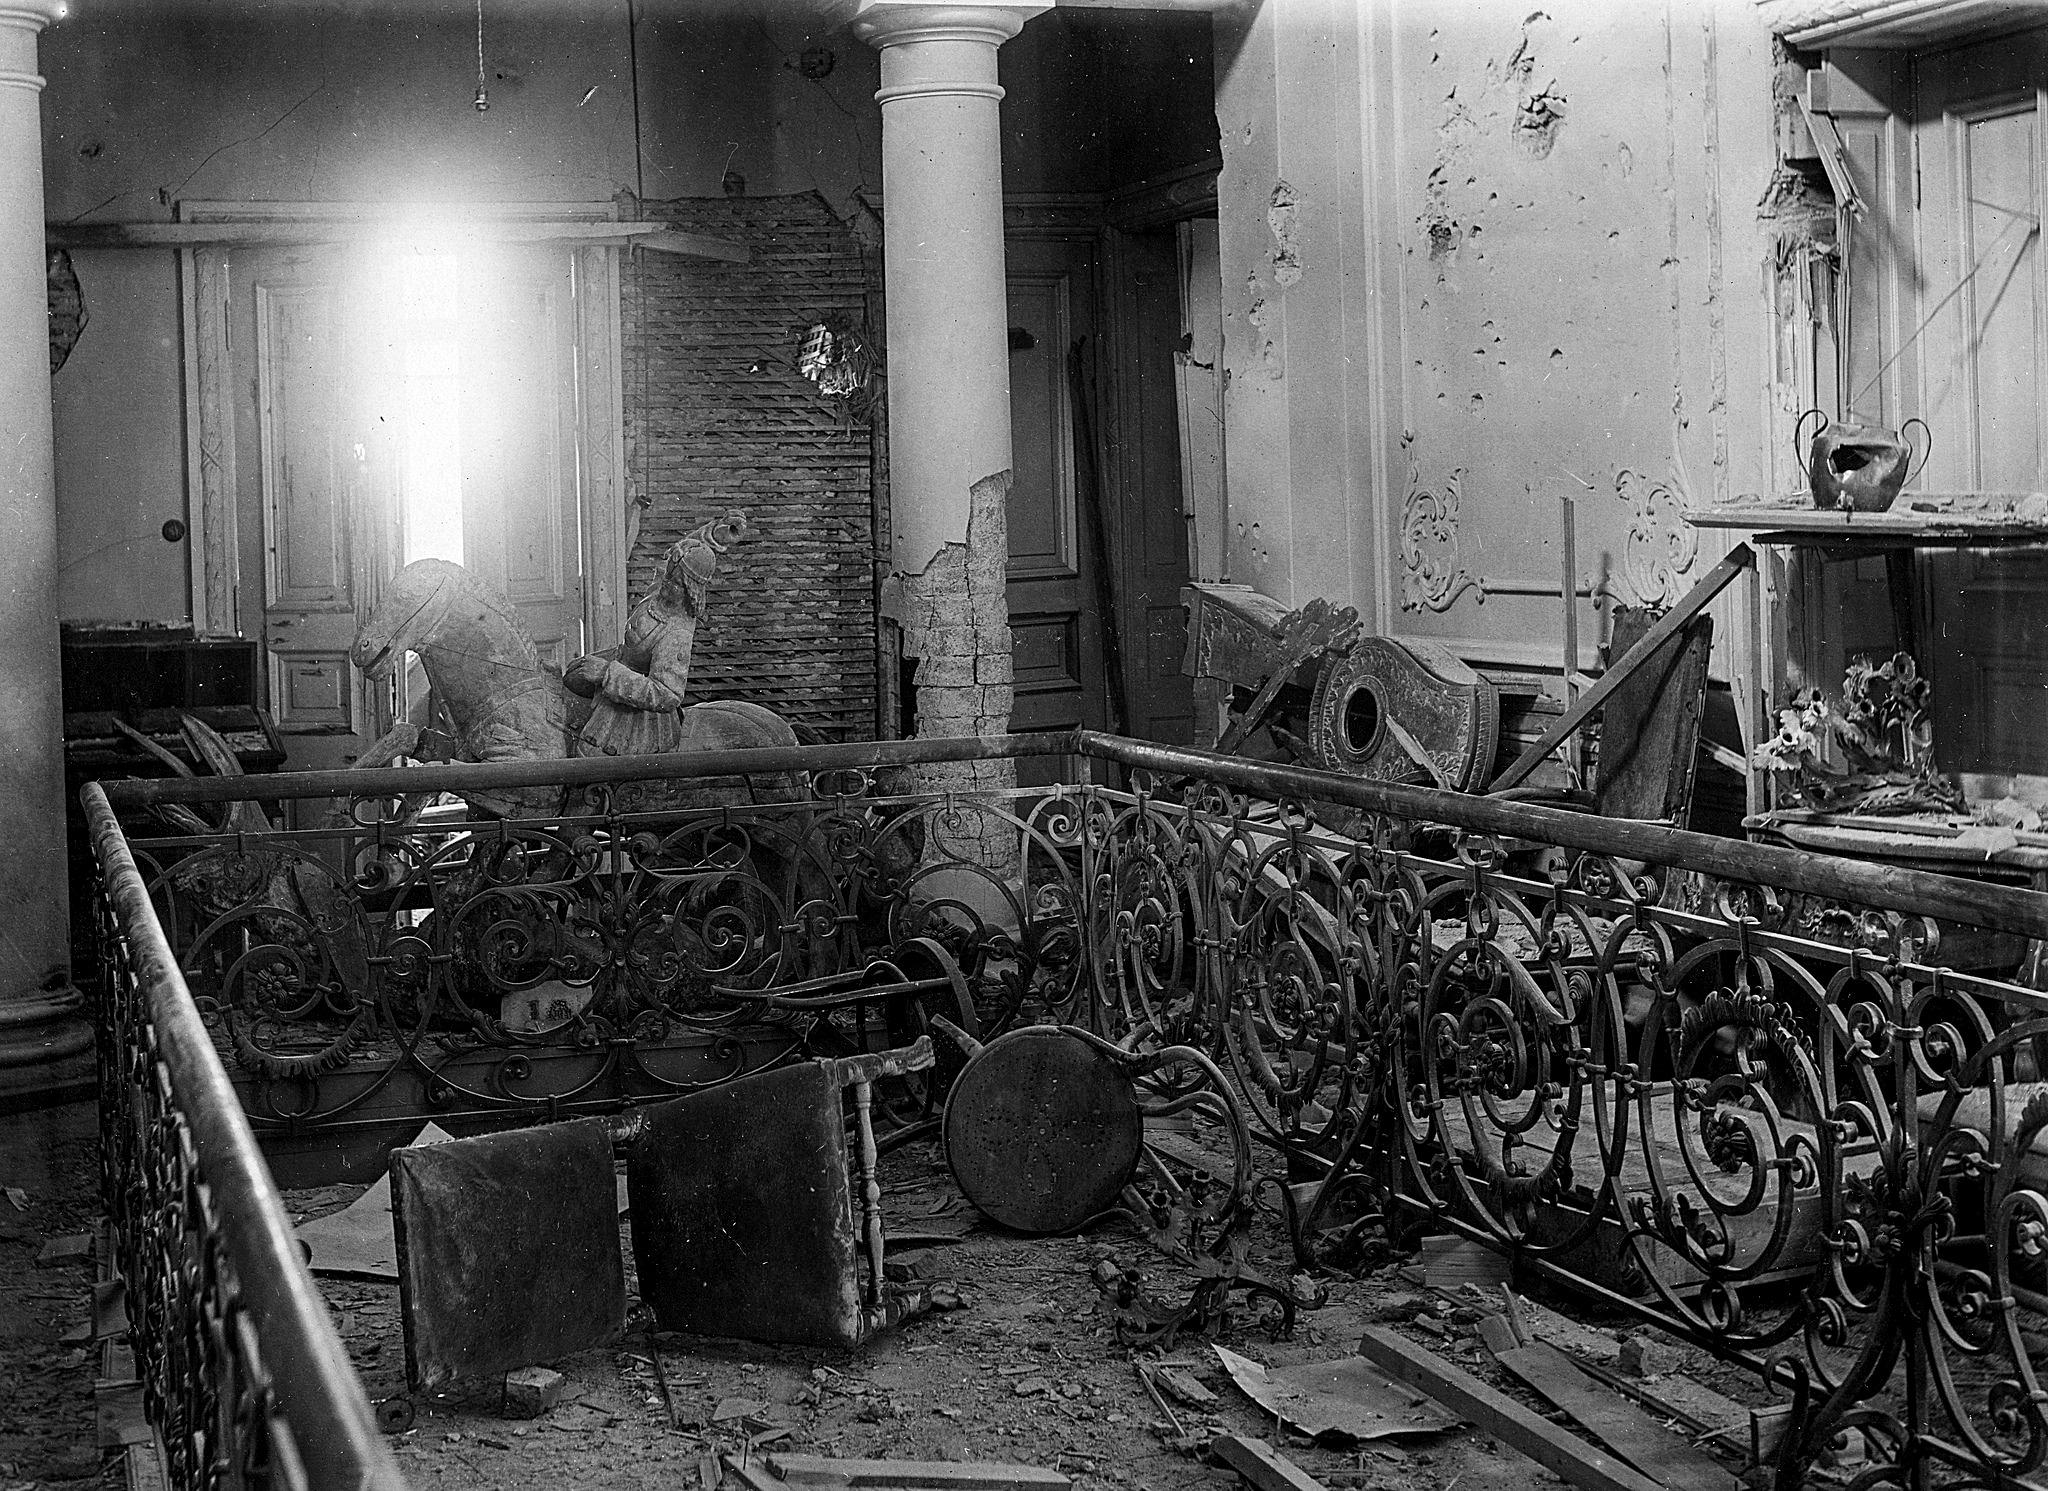 Så här såg det ut i övre våningen på Näsilinna efter att Melins kompani hade gett sig av efter mycket hårda strider.